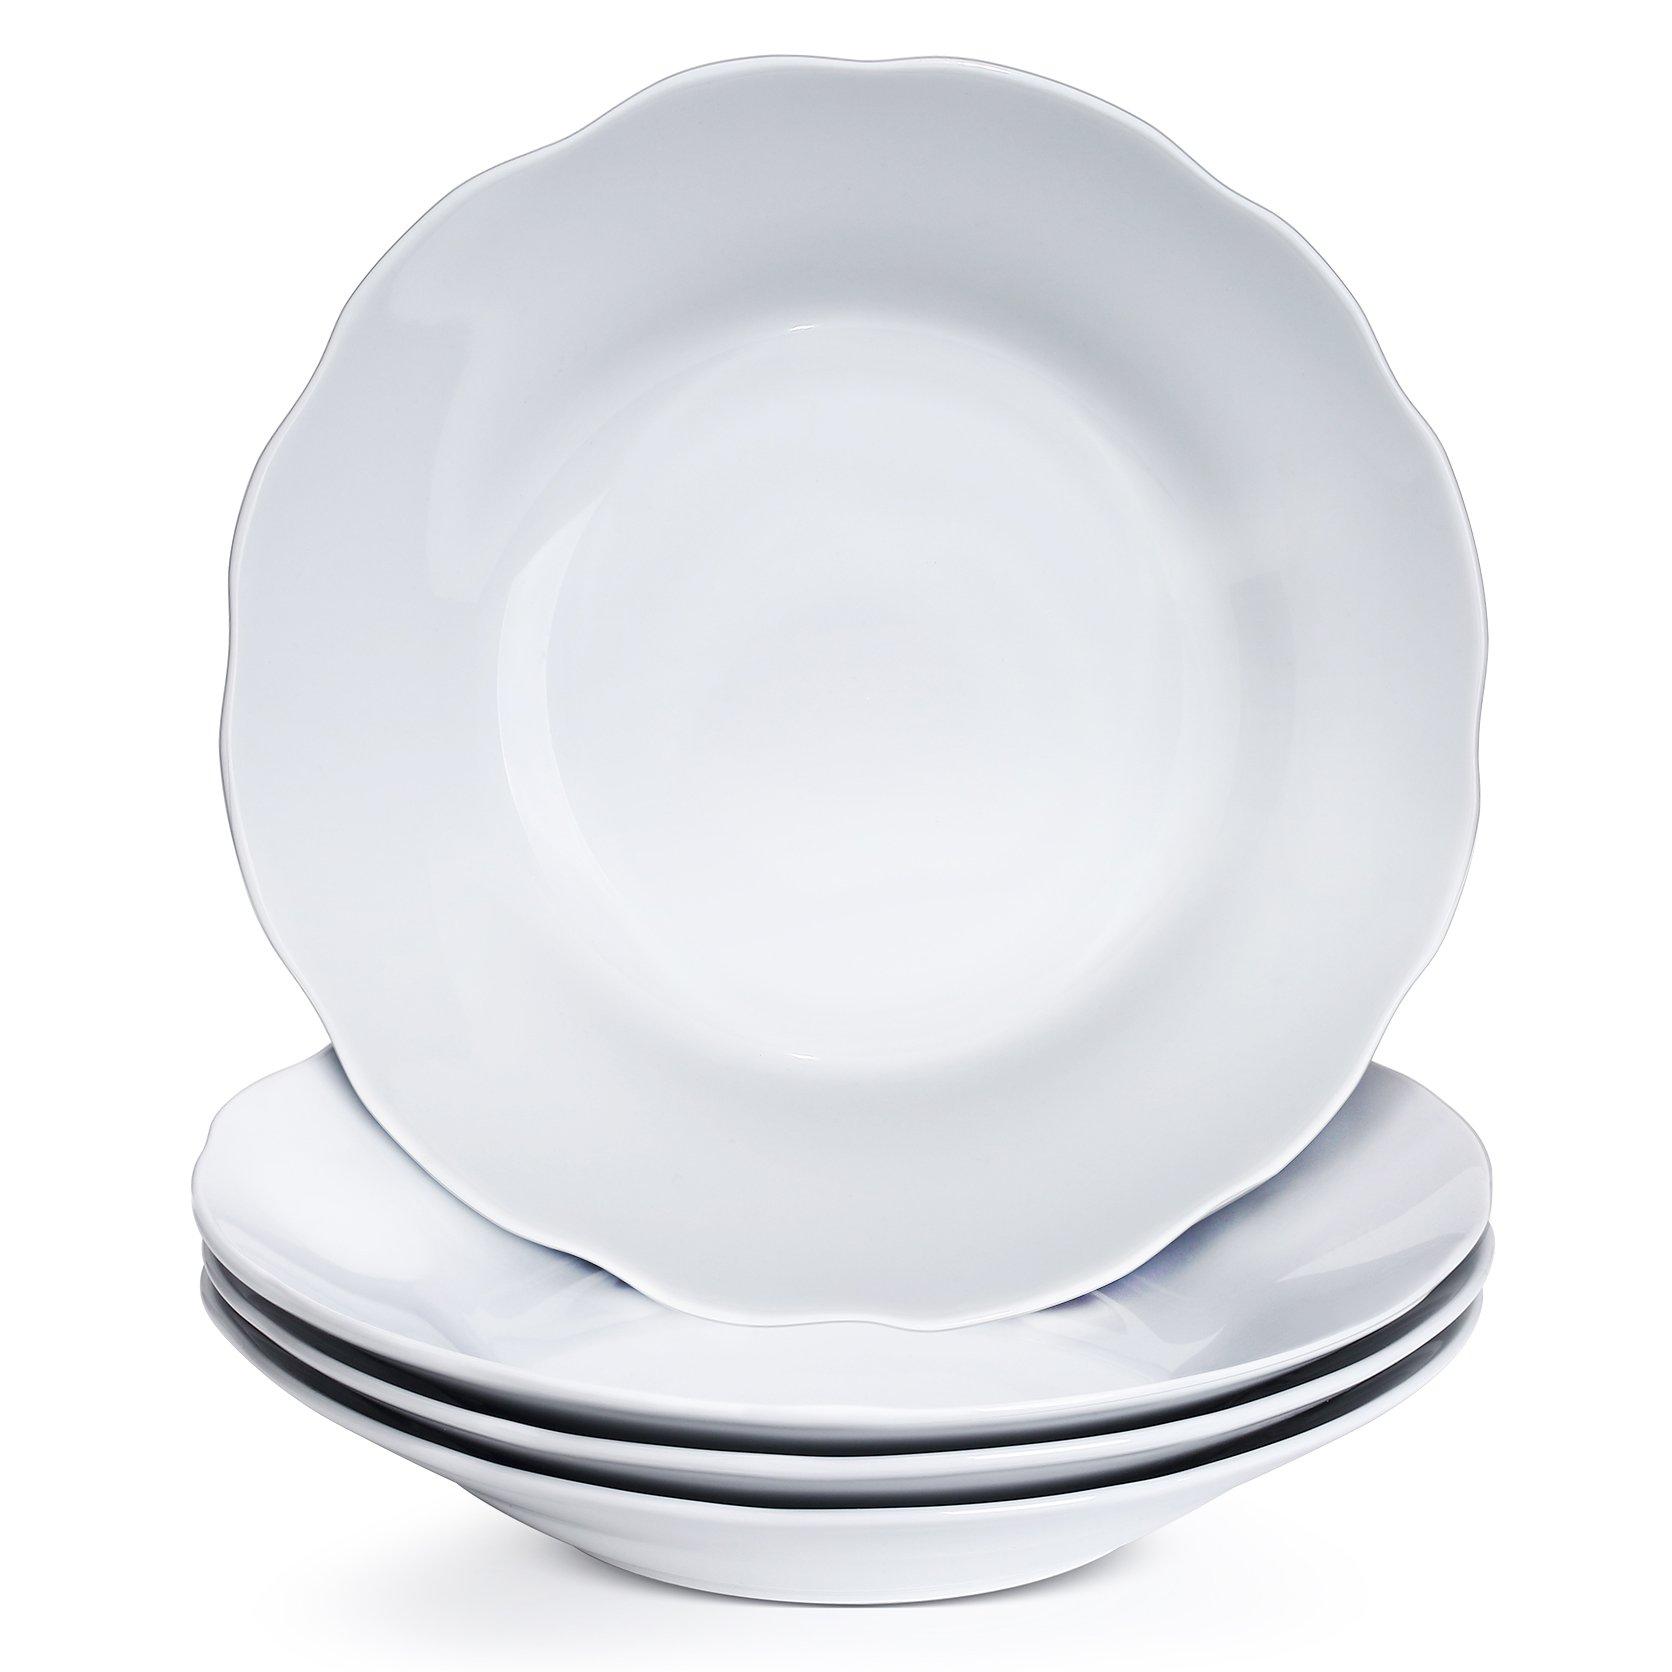 YHY 9 Inch/15oz Porcelain Salad/Pasta Bowls, 4 Piece Soup Bowl Set, White & Shallow, Scallop Design